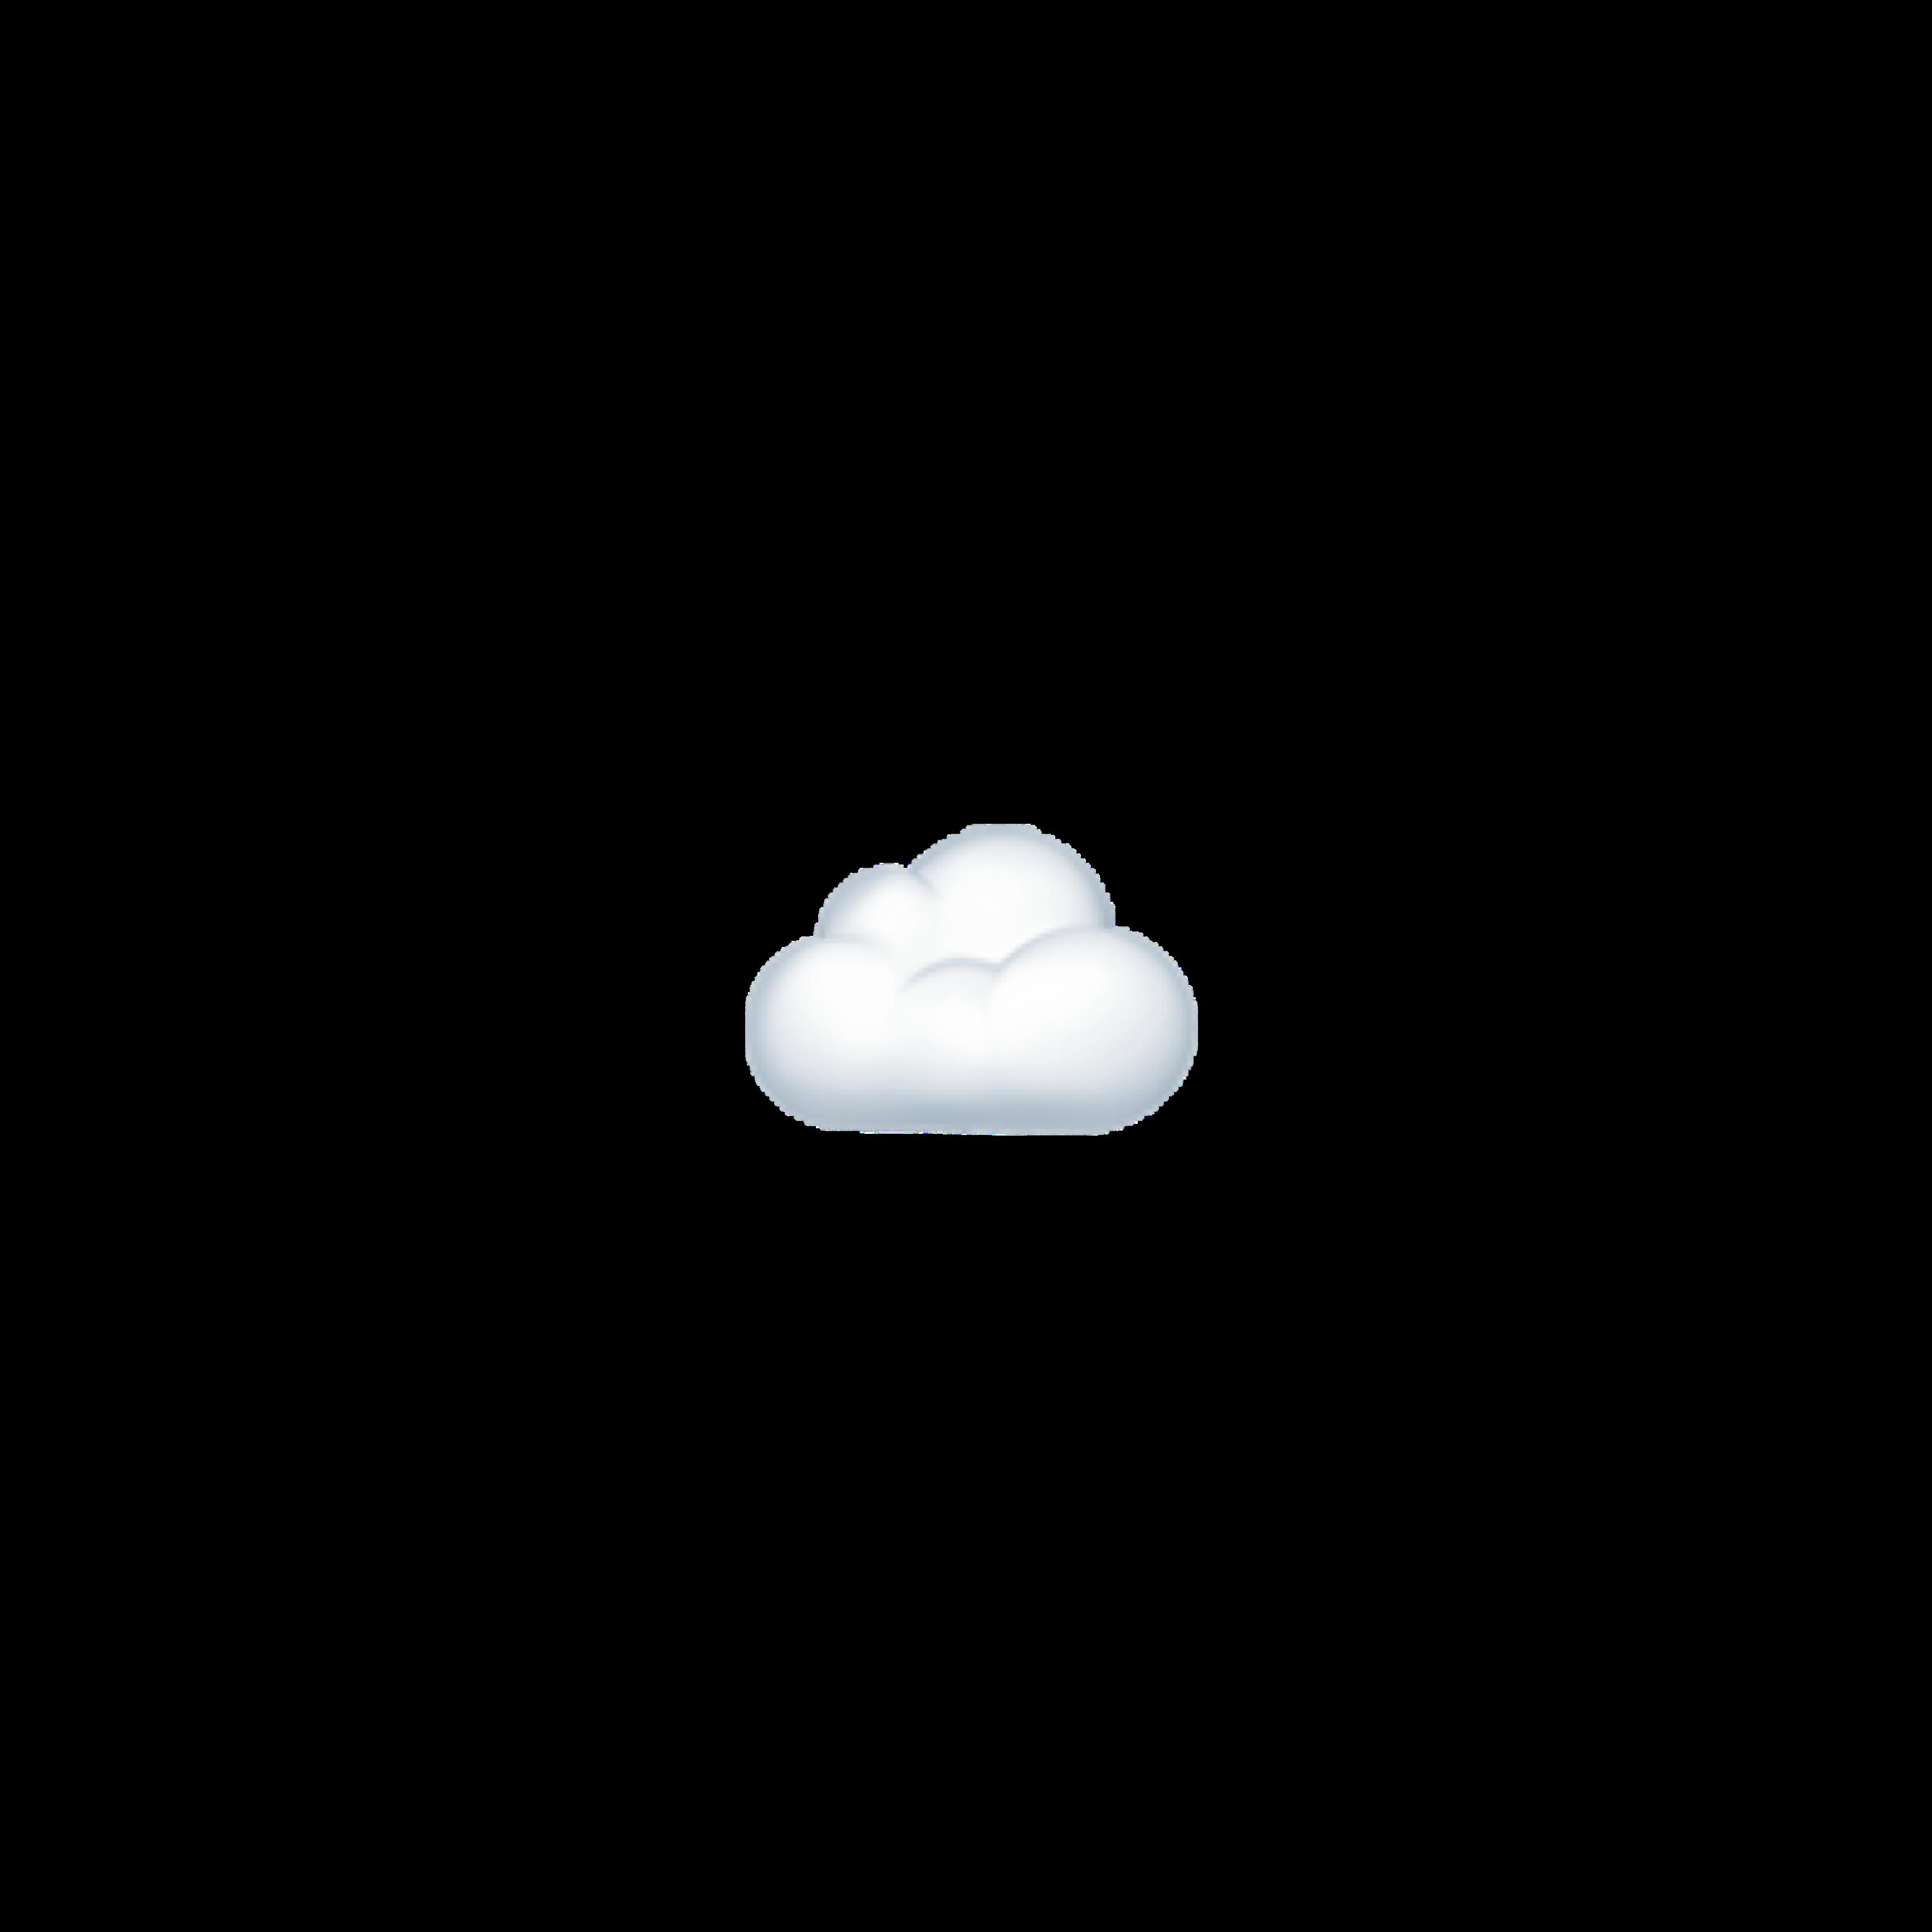 Emojisticker Emojis Emoji Clouds Whiteclouds Cloudemoji Cloudsemoji Freetoedit Remixit Cute Emoji Wallpaper Emoji Wallpaper Emoji Wallpaper Iphone